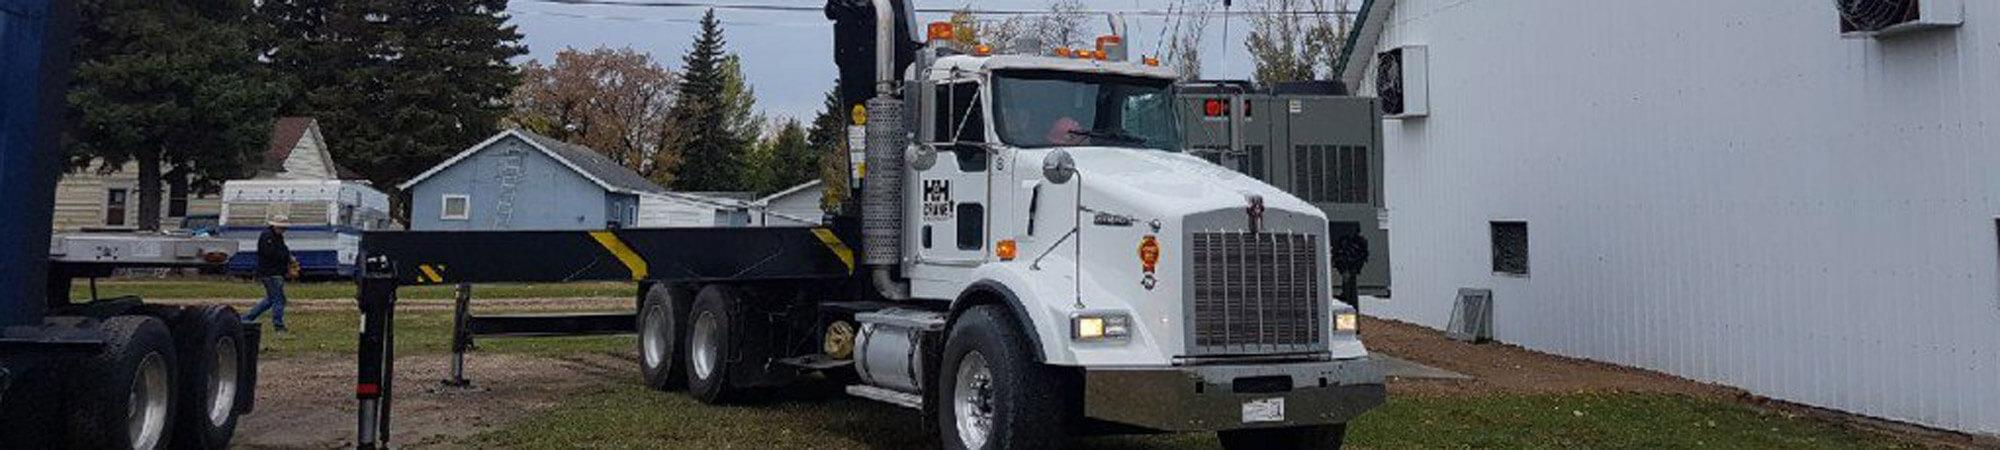 H&H Crane Ltd. Truck